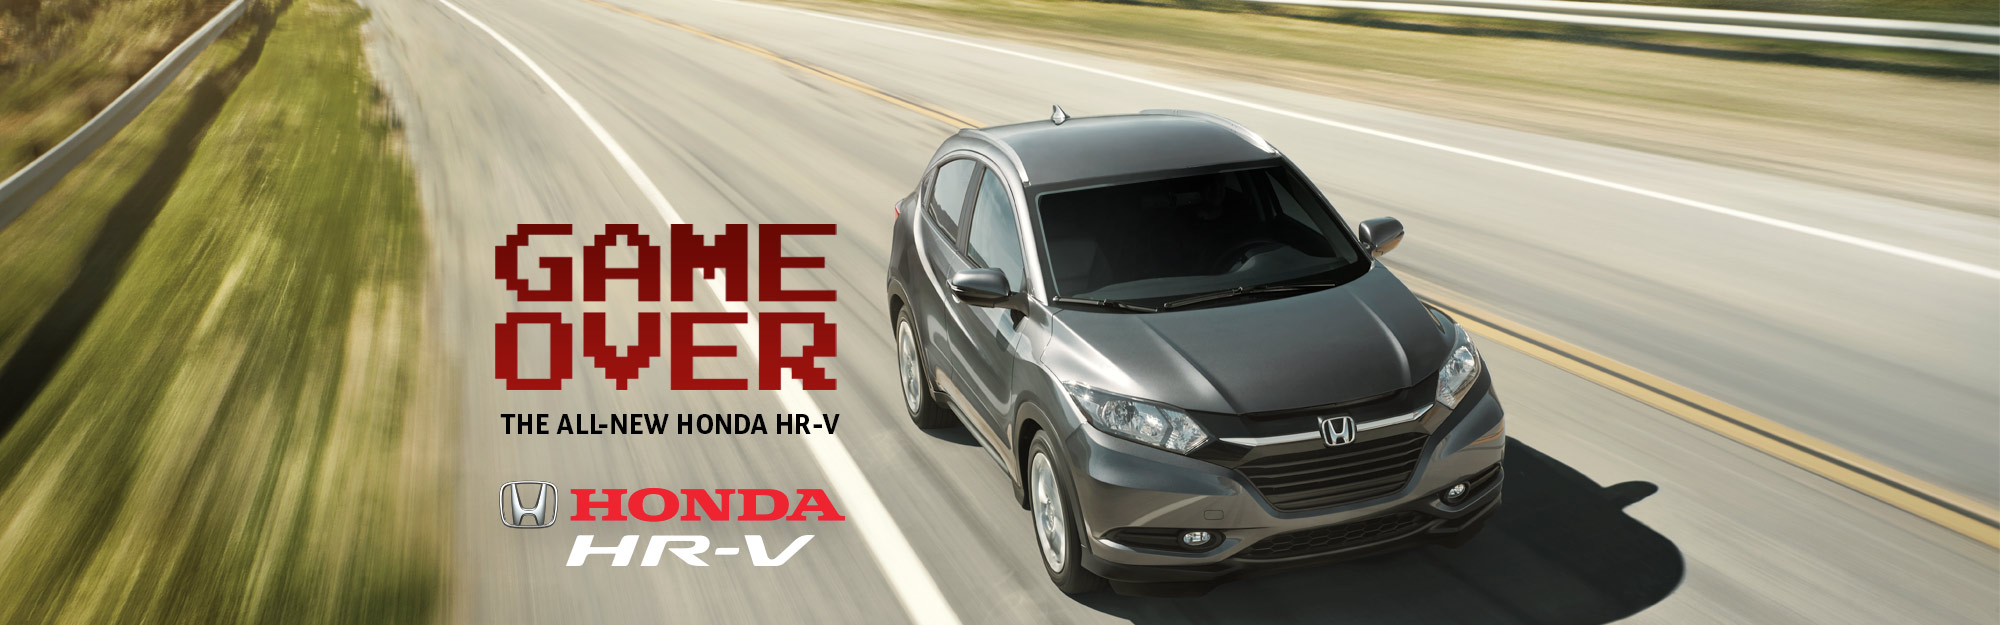 honda-hrv-2016-main-web-banner